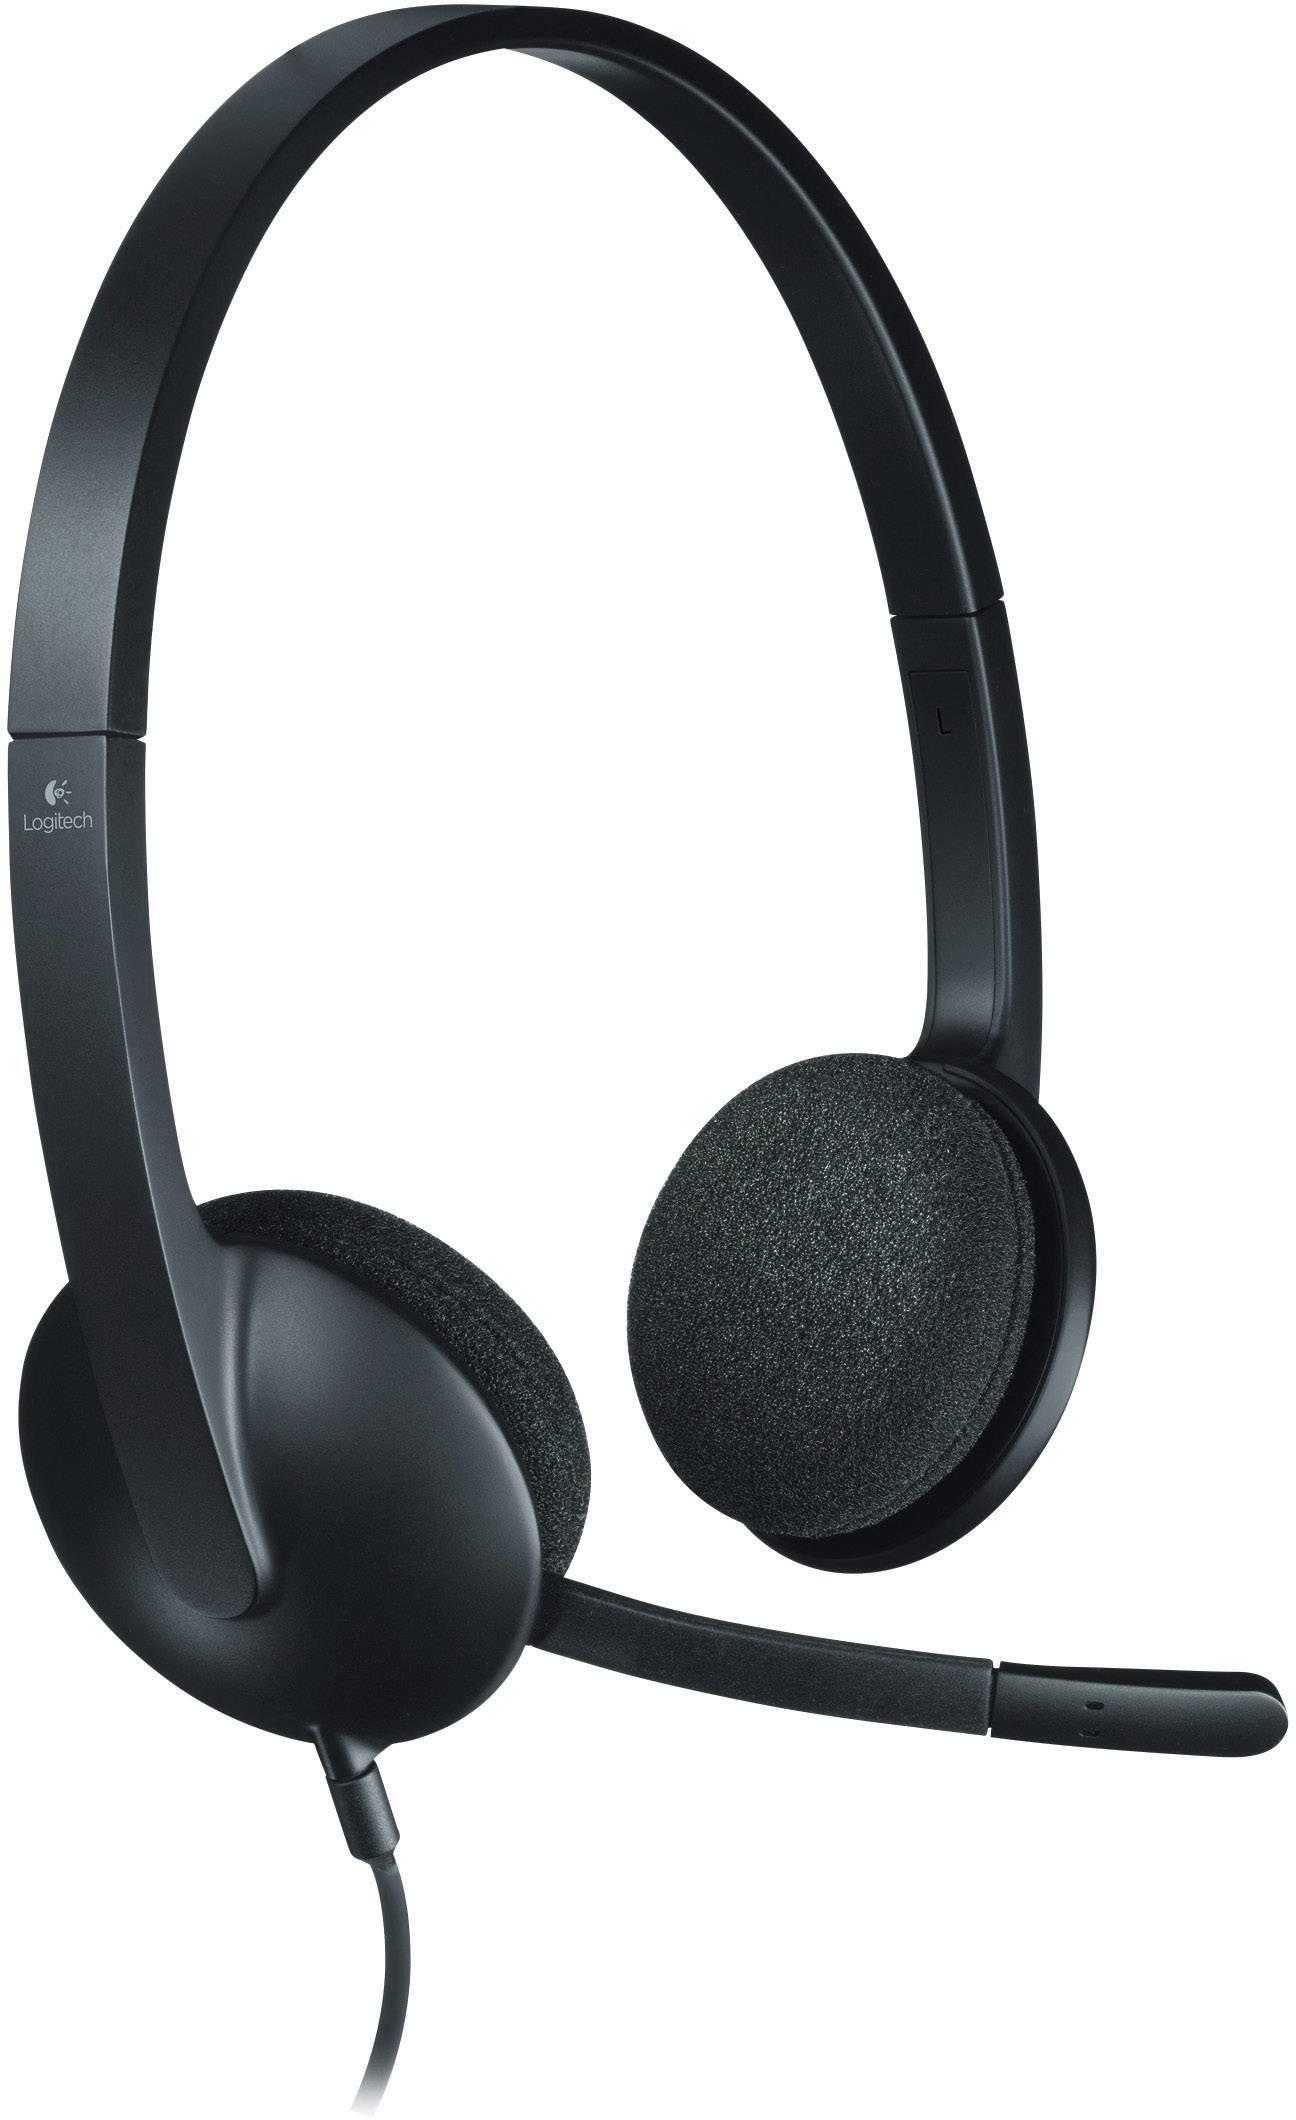 Pc Headsets Gnstig Online Kaufen Bei Conrad Logitech H110 Stereo Headset Usb Schnurgebunden H340 On Ear Schwarz